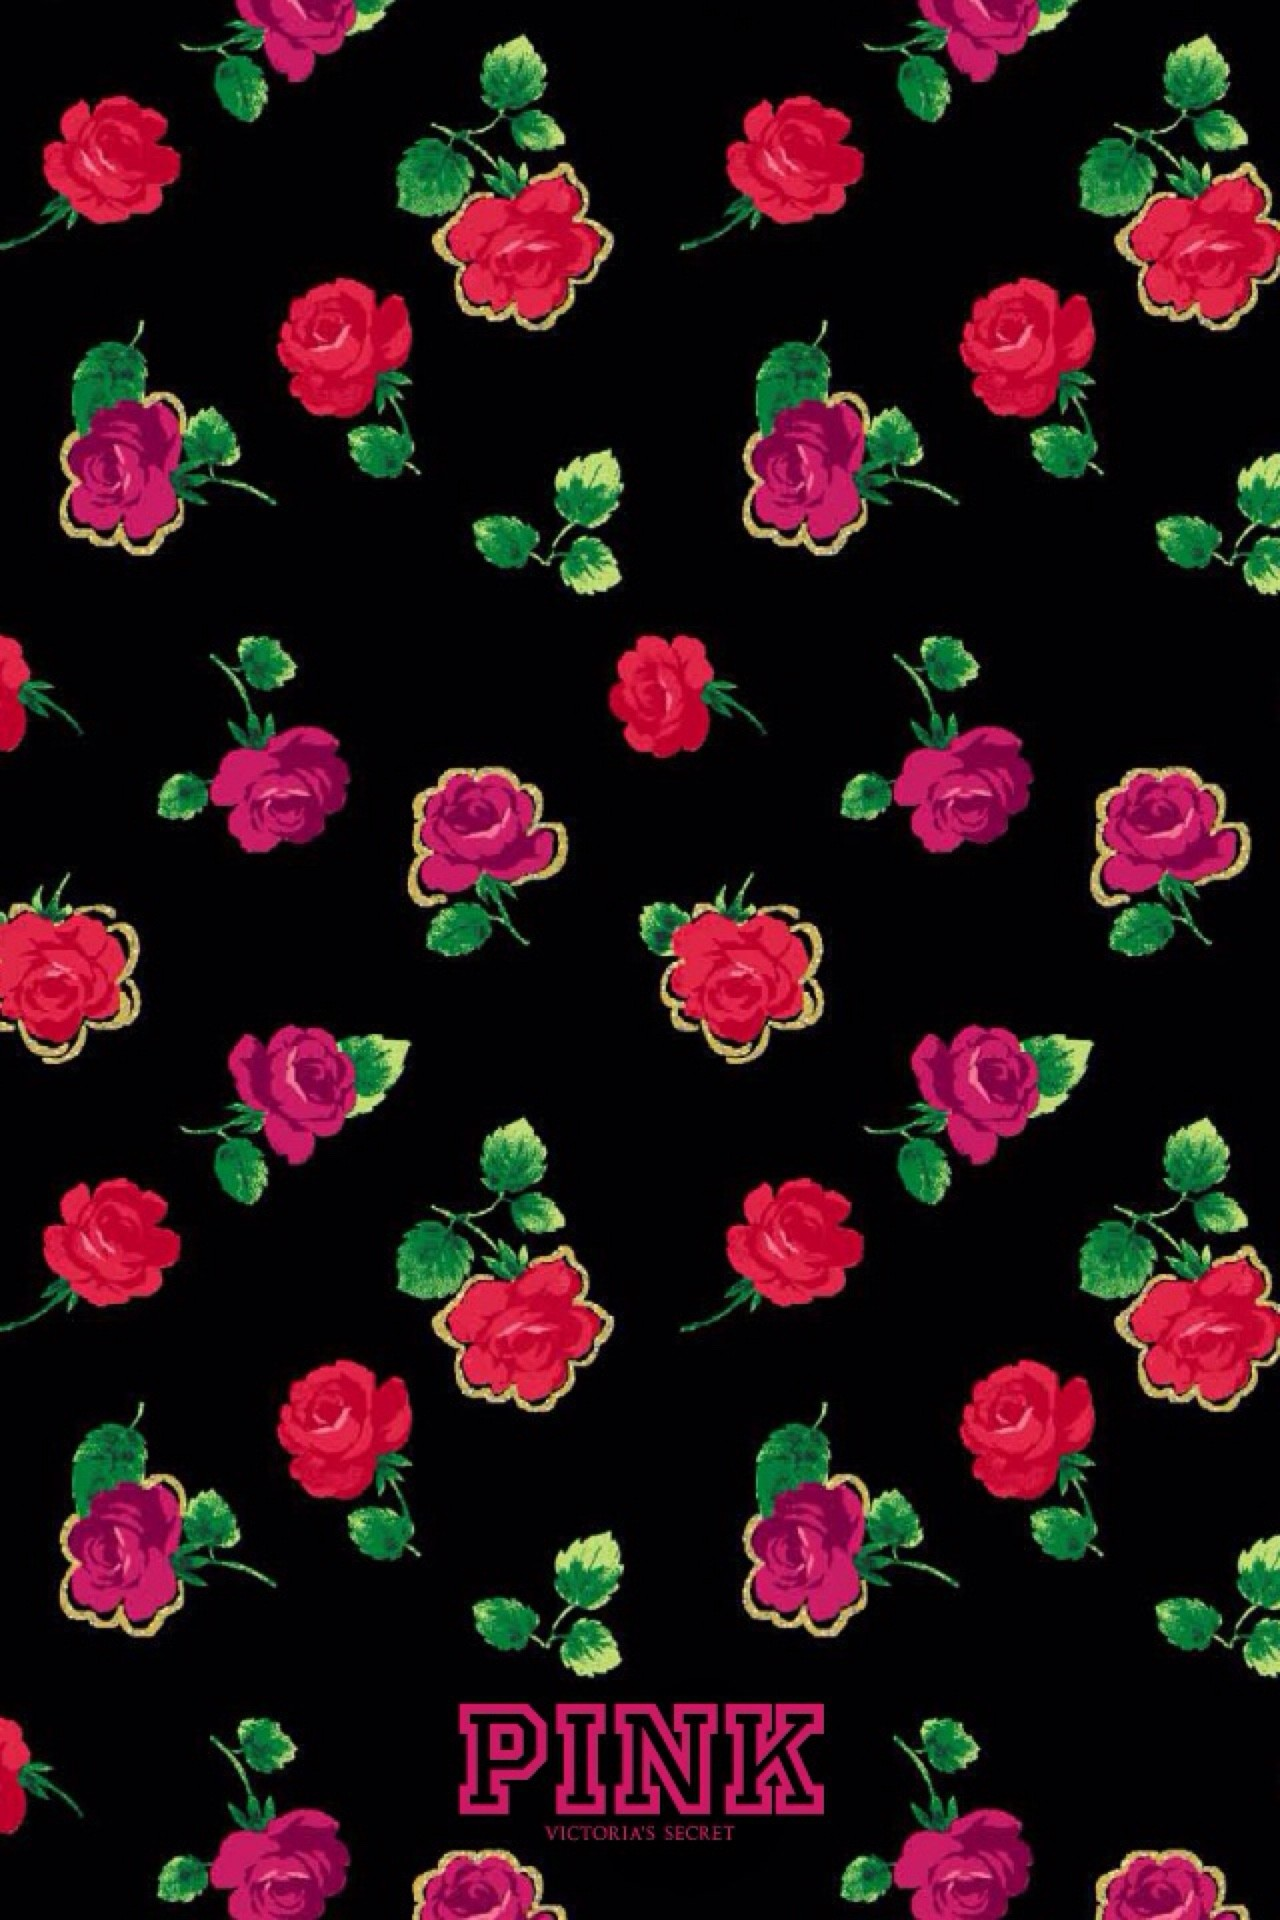 ビクトリアシークレットピンクの背景 壁紙ビクトリアシークレット 1280x19 Wallpapertip